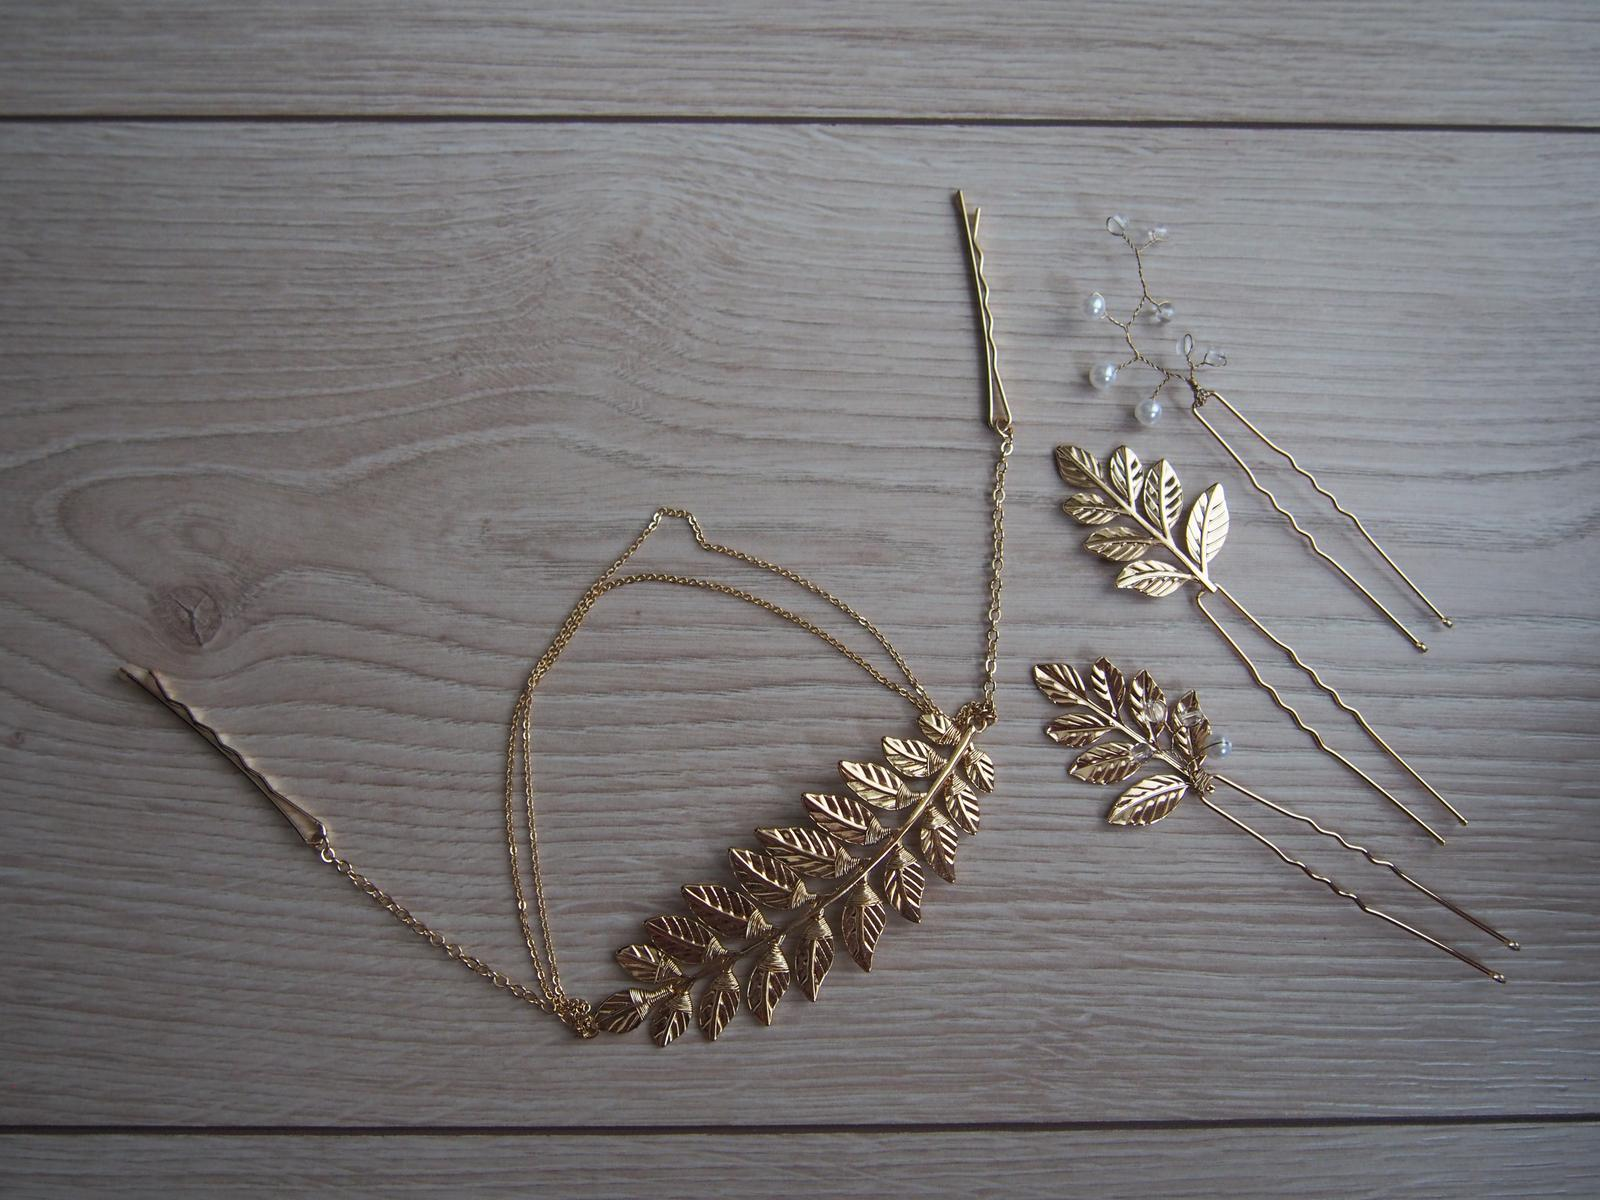 f23cfc4bf68 Zlaté dekorace do vlasů s motivem lístků